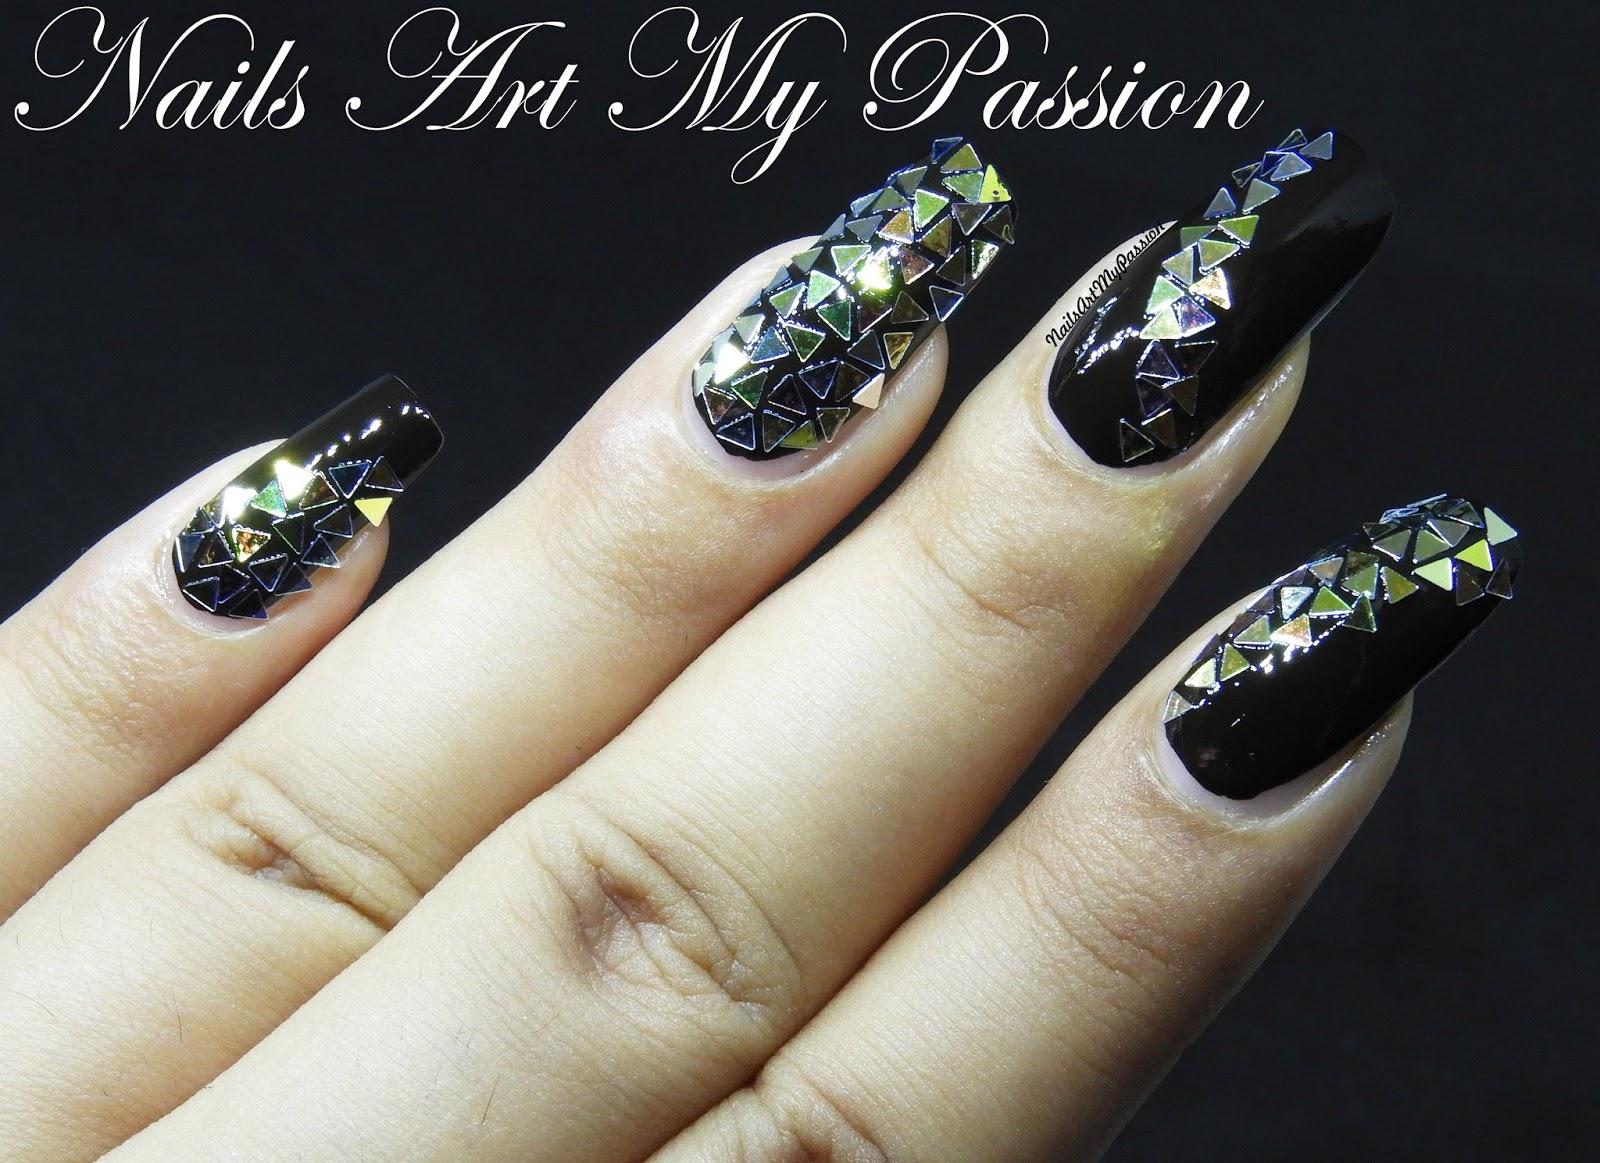 Nail Art My Passion: Broken Glass Nails using Born Pretty Nail Sequins